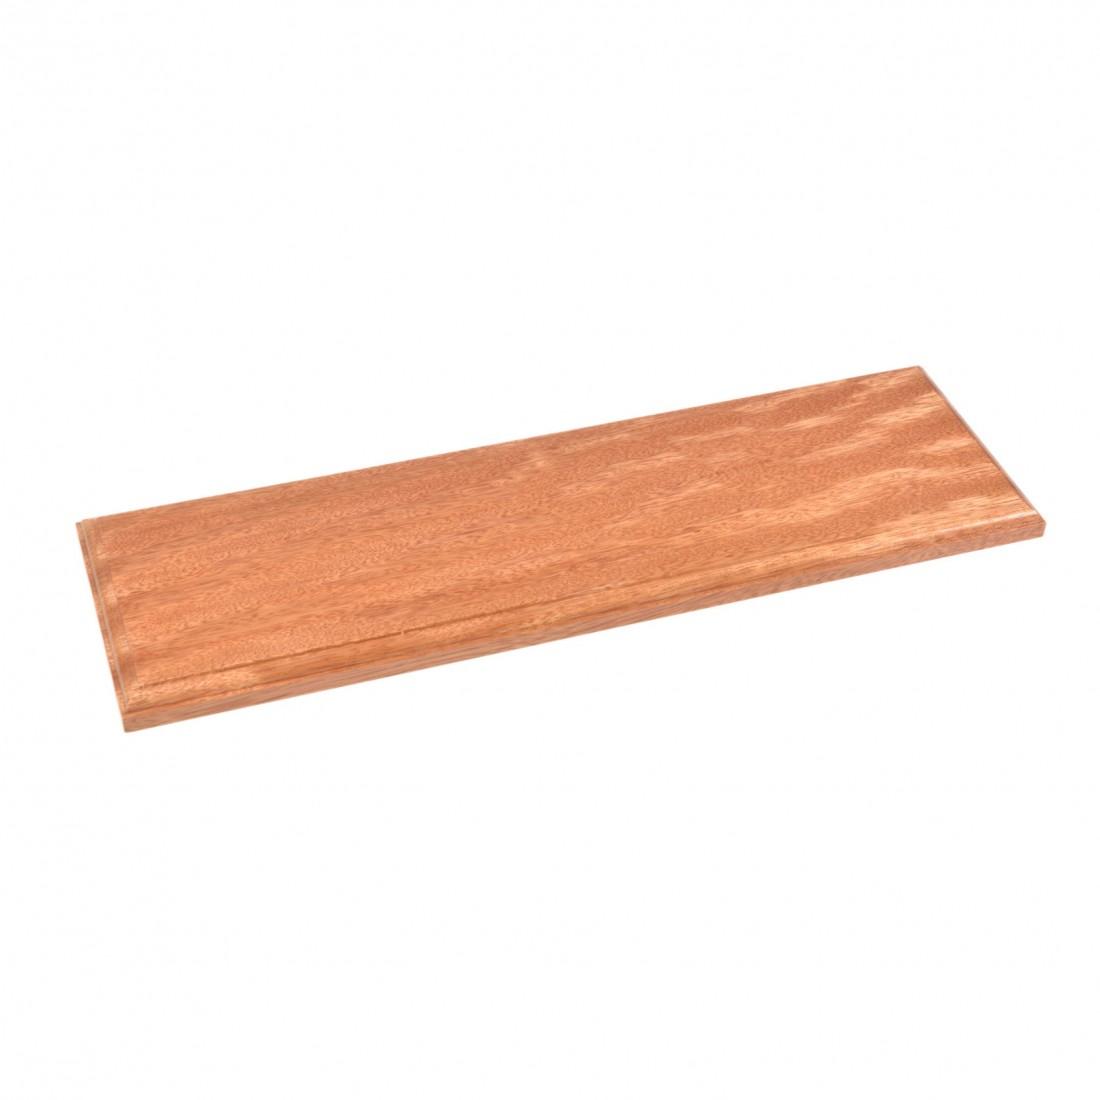 Socles en bois vernis  50x15x2 cm